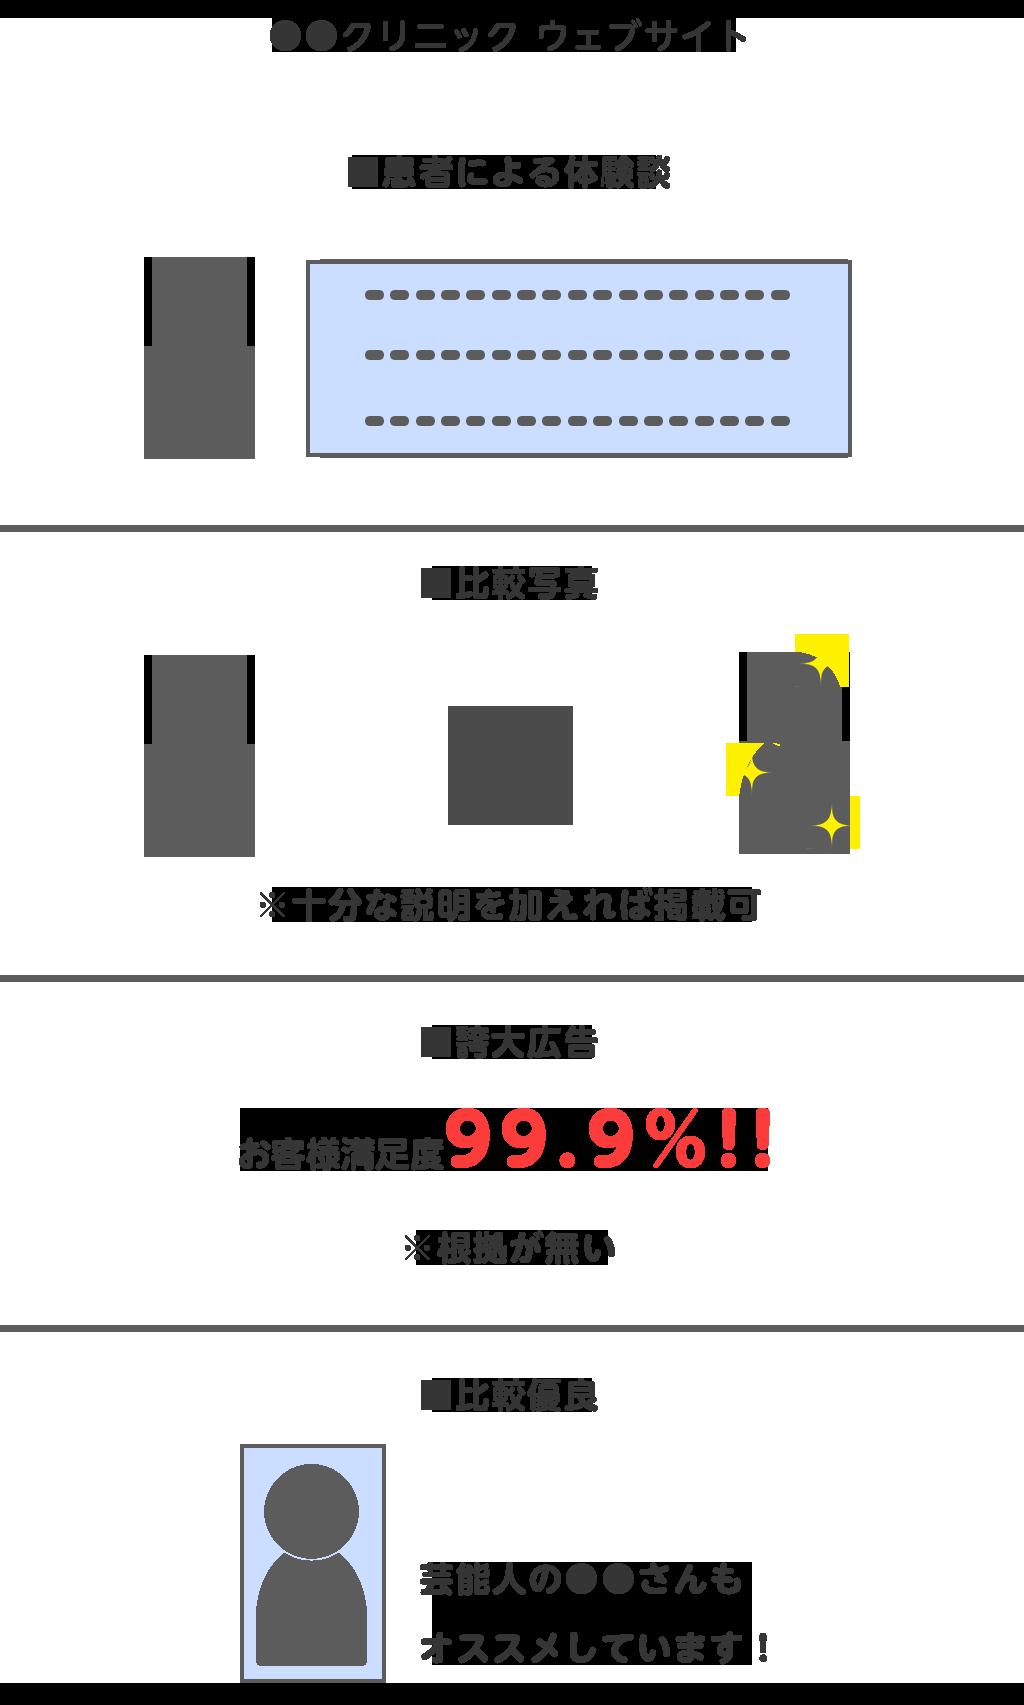 6月から禁止される表現の例